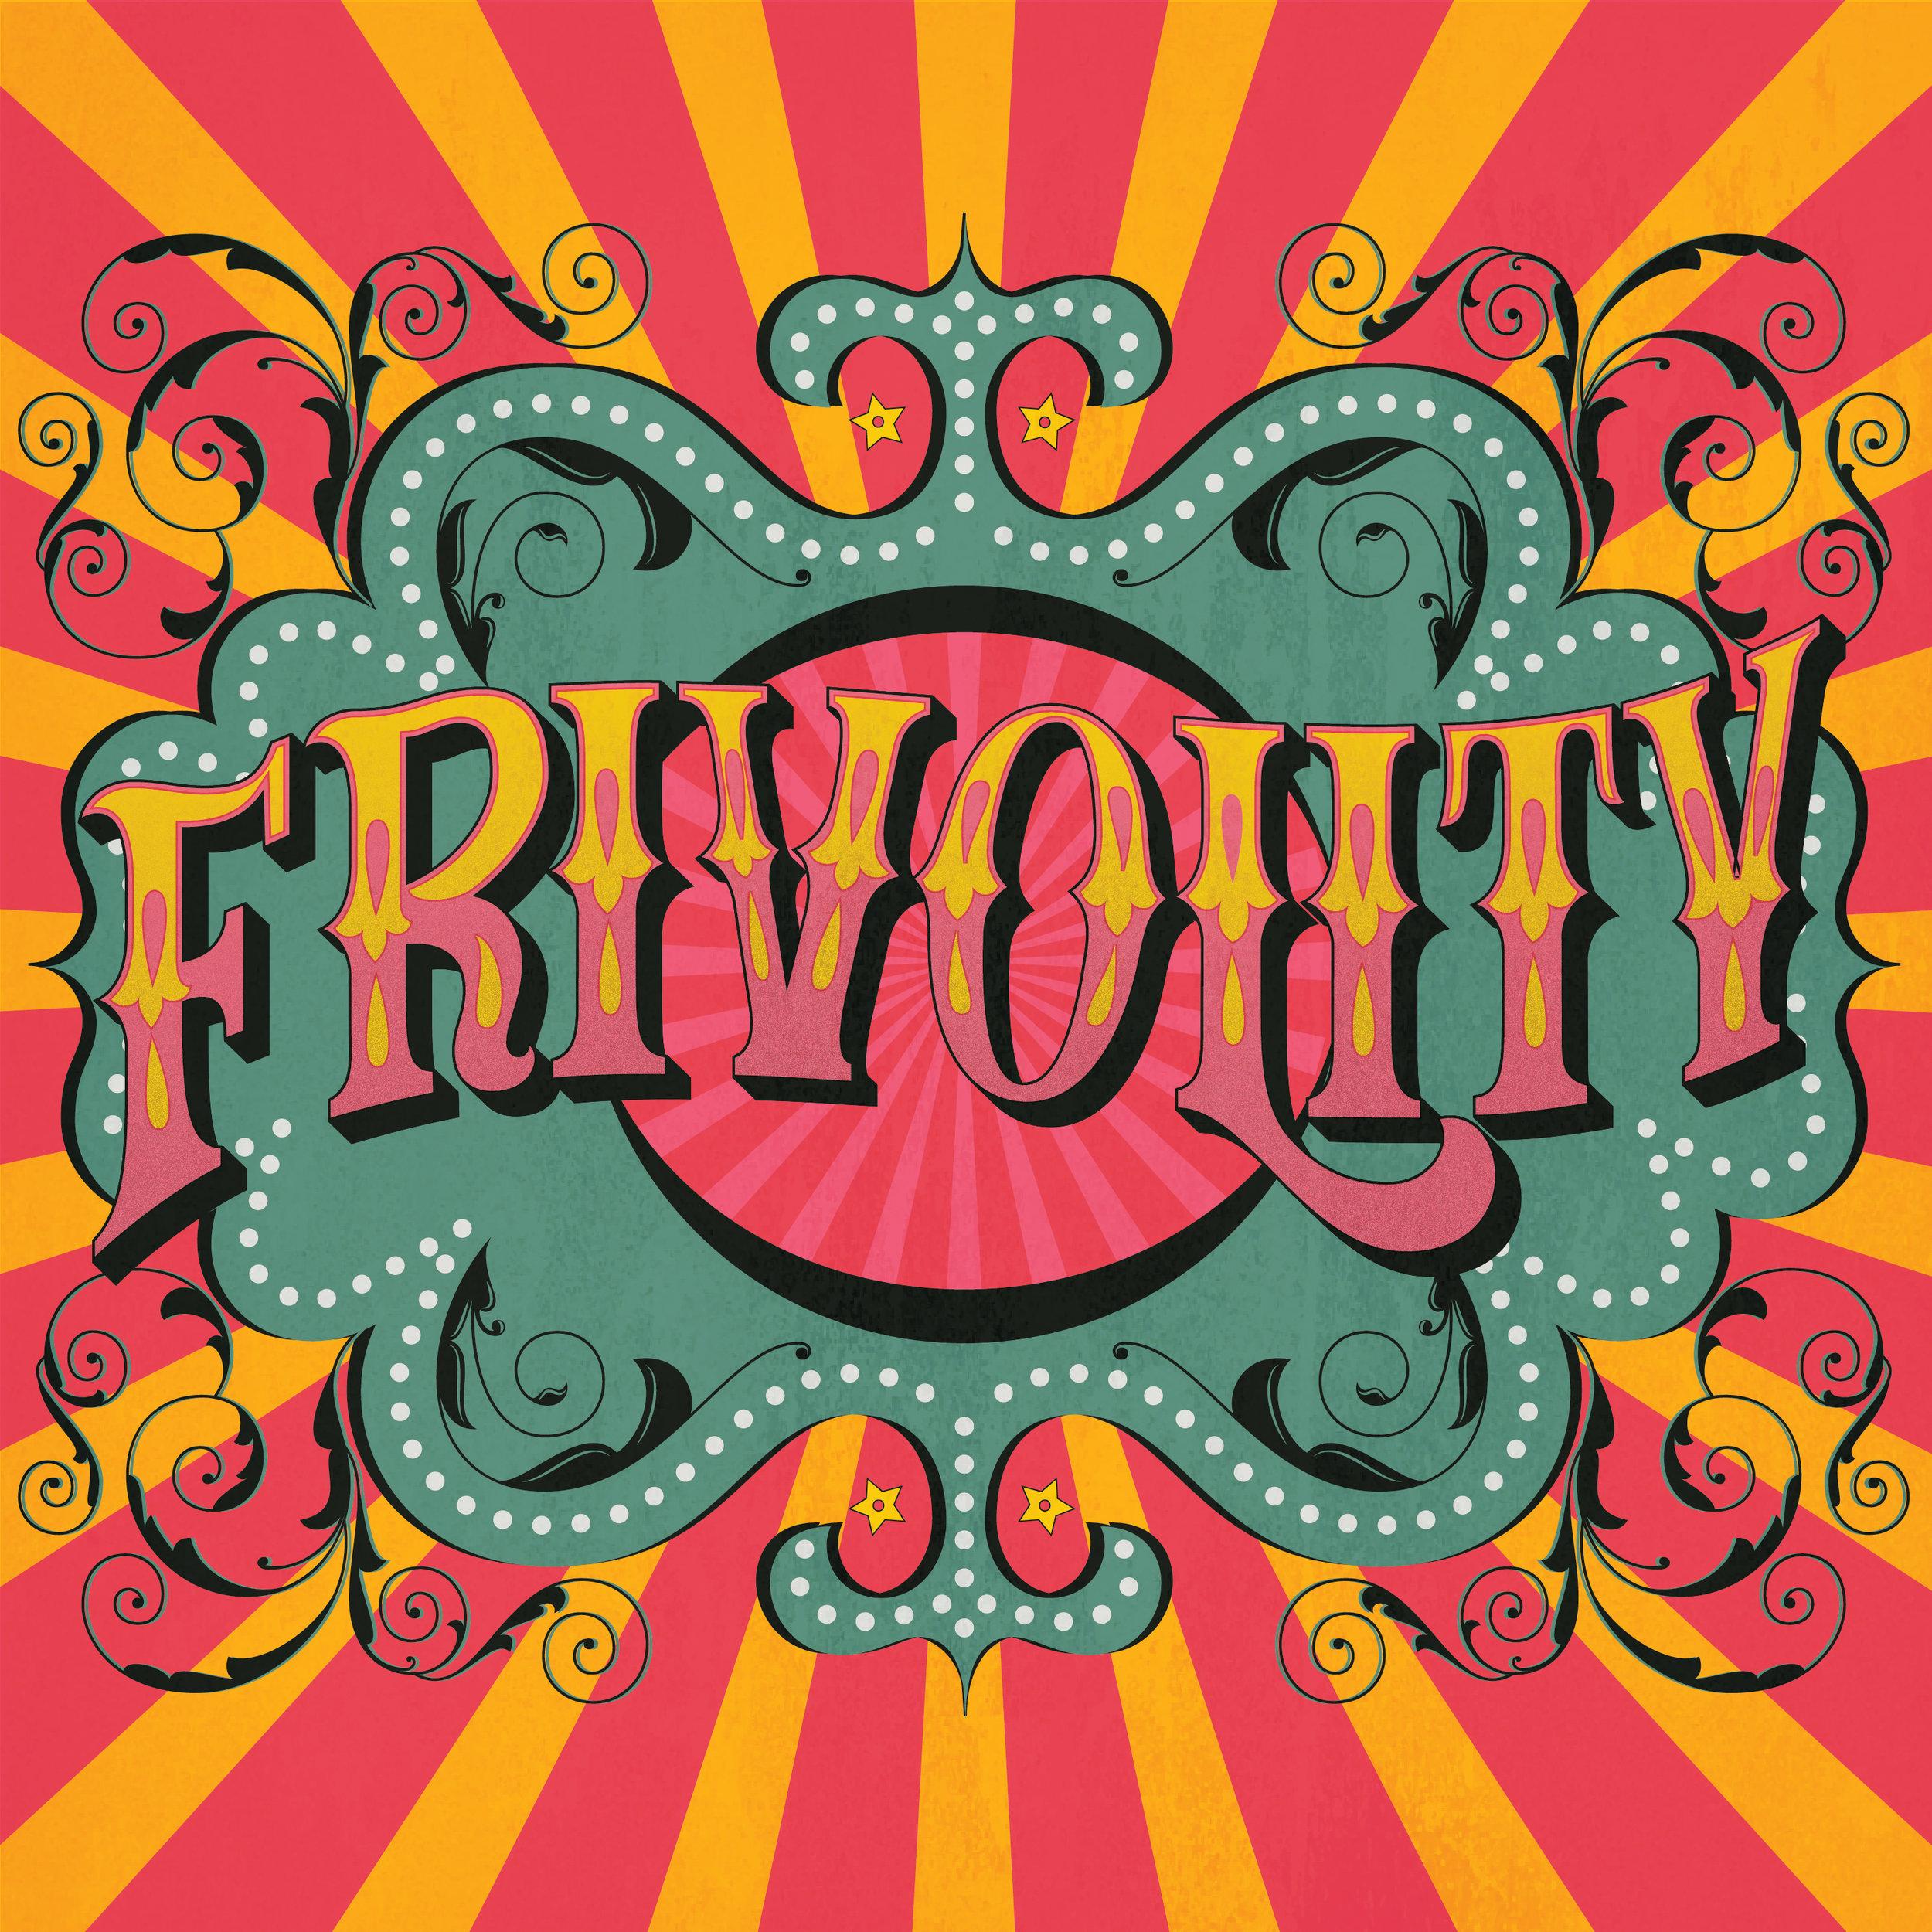 Frivolity_INSTA-01.jpg